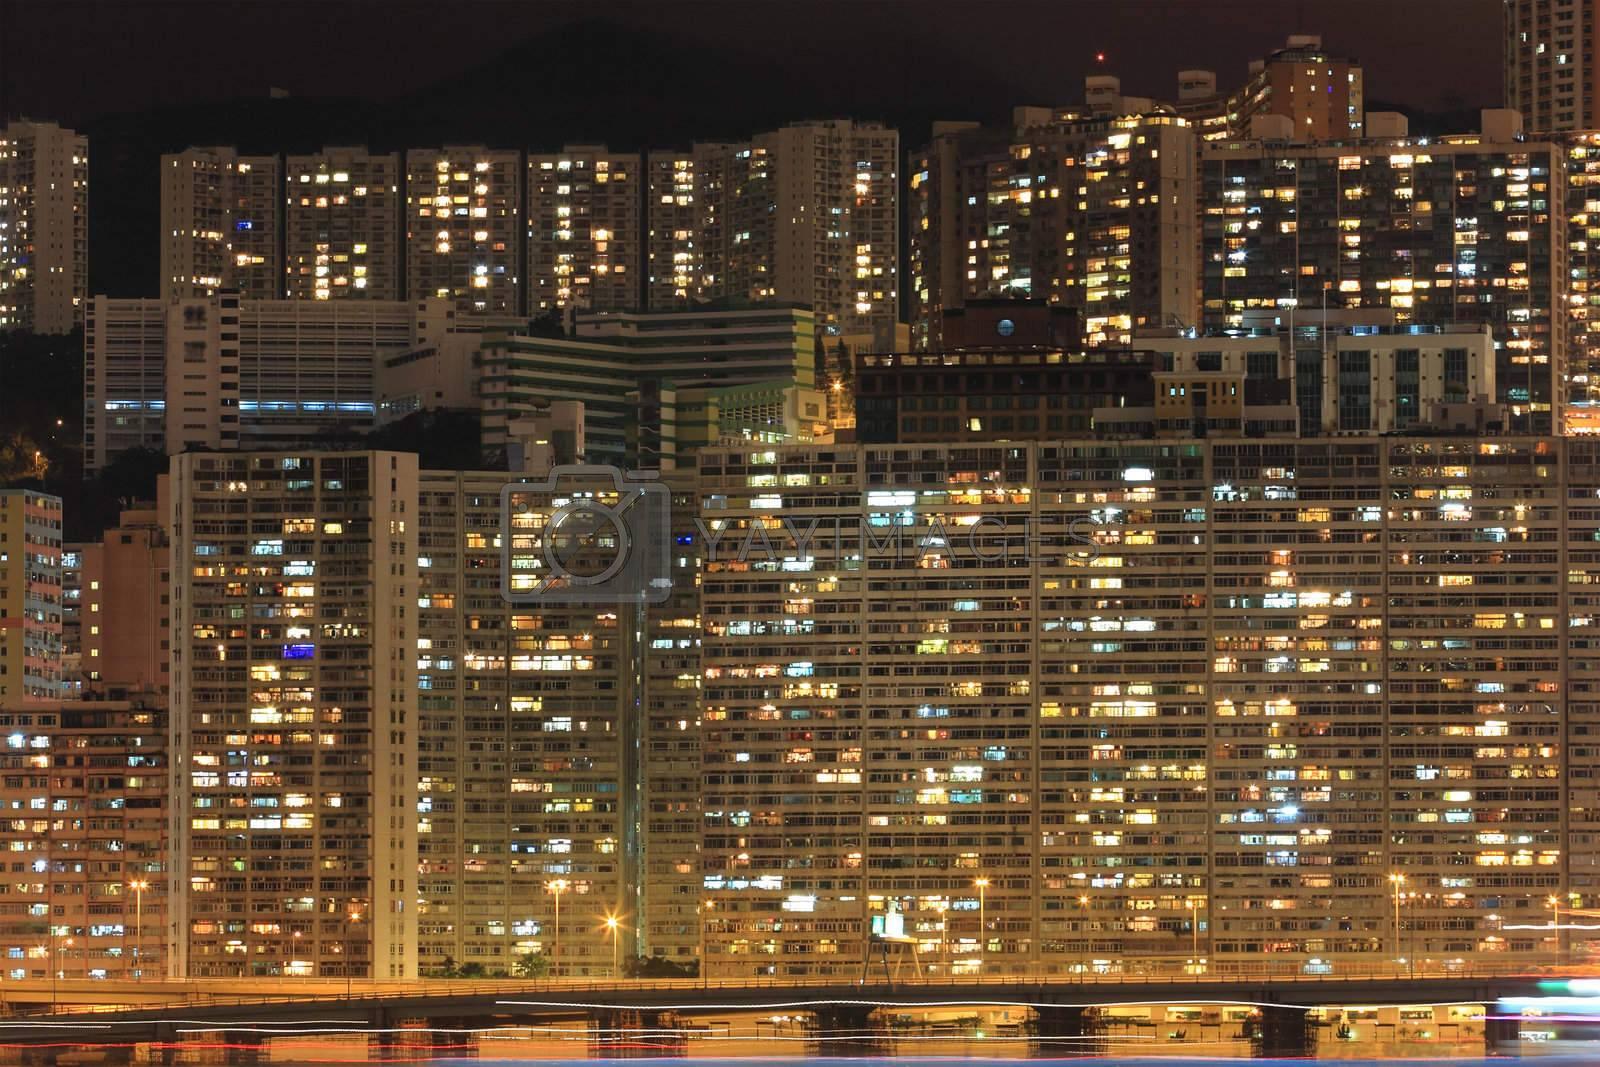 Royalty free image of Hong Kong cityscape at night by leungchopan